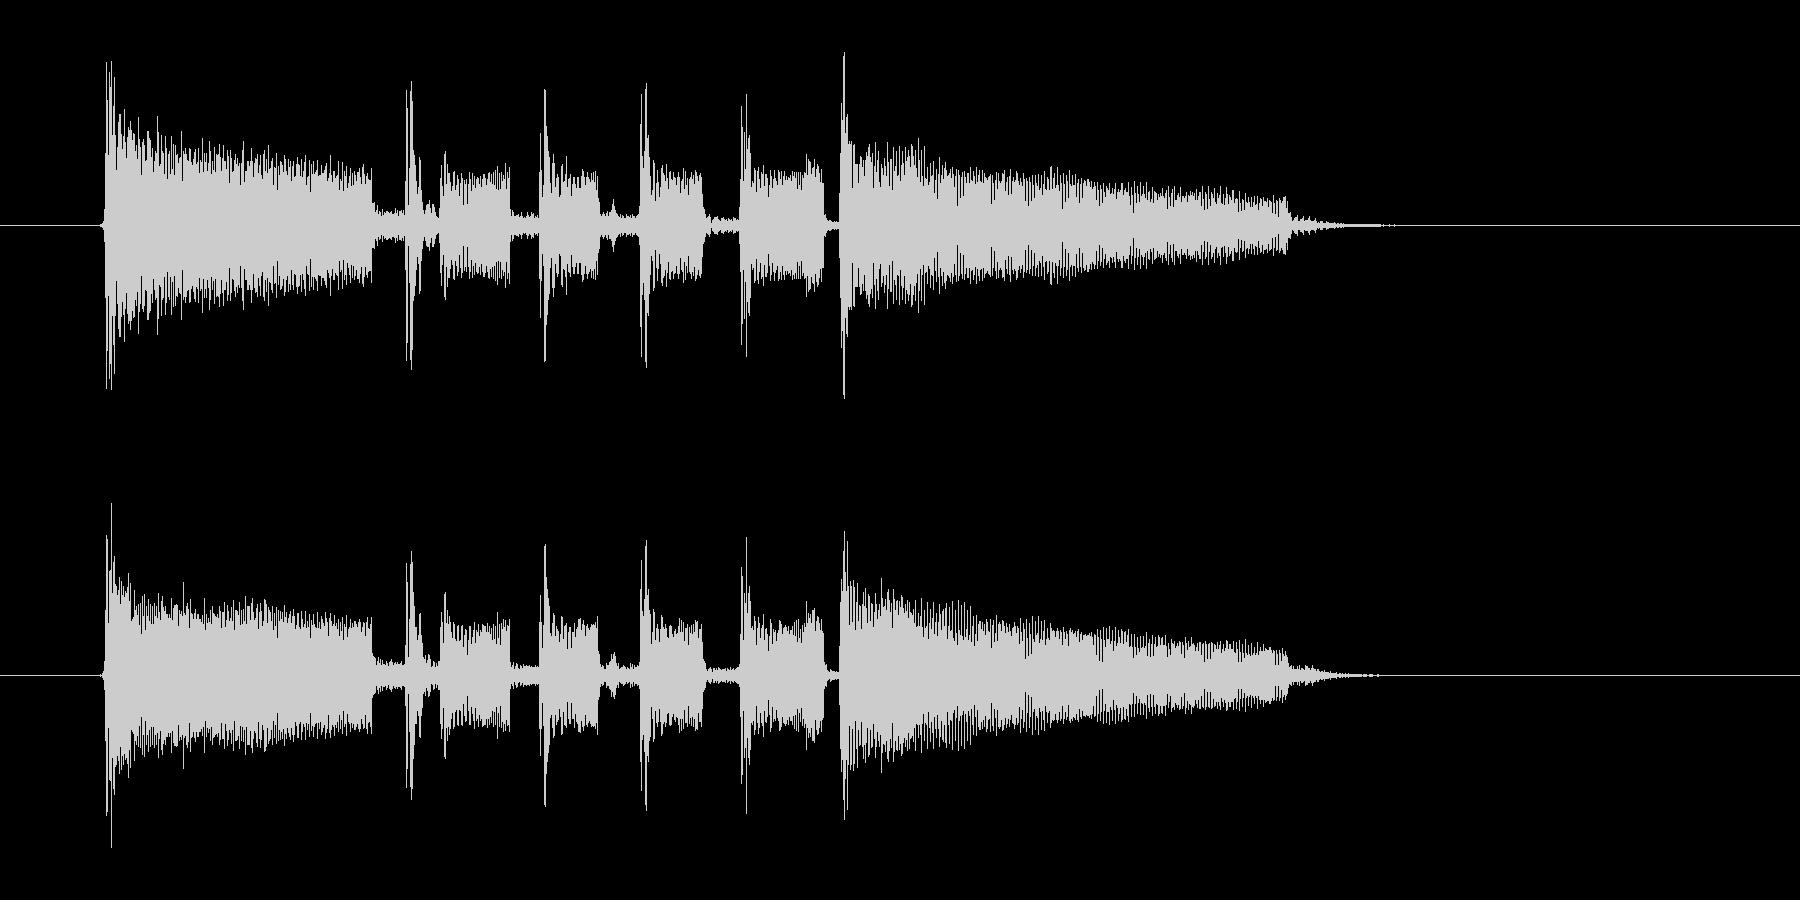 ジャズとポップスの融合の未再生の波形